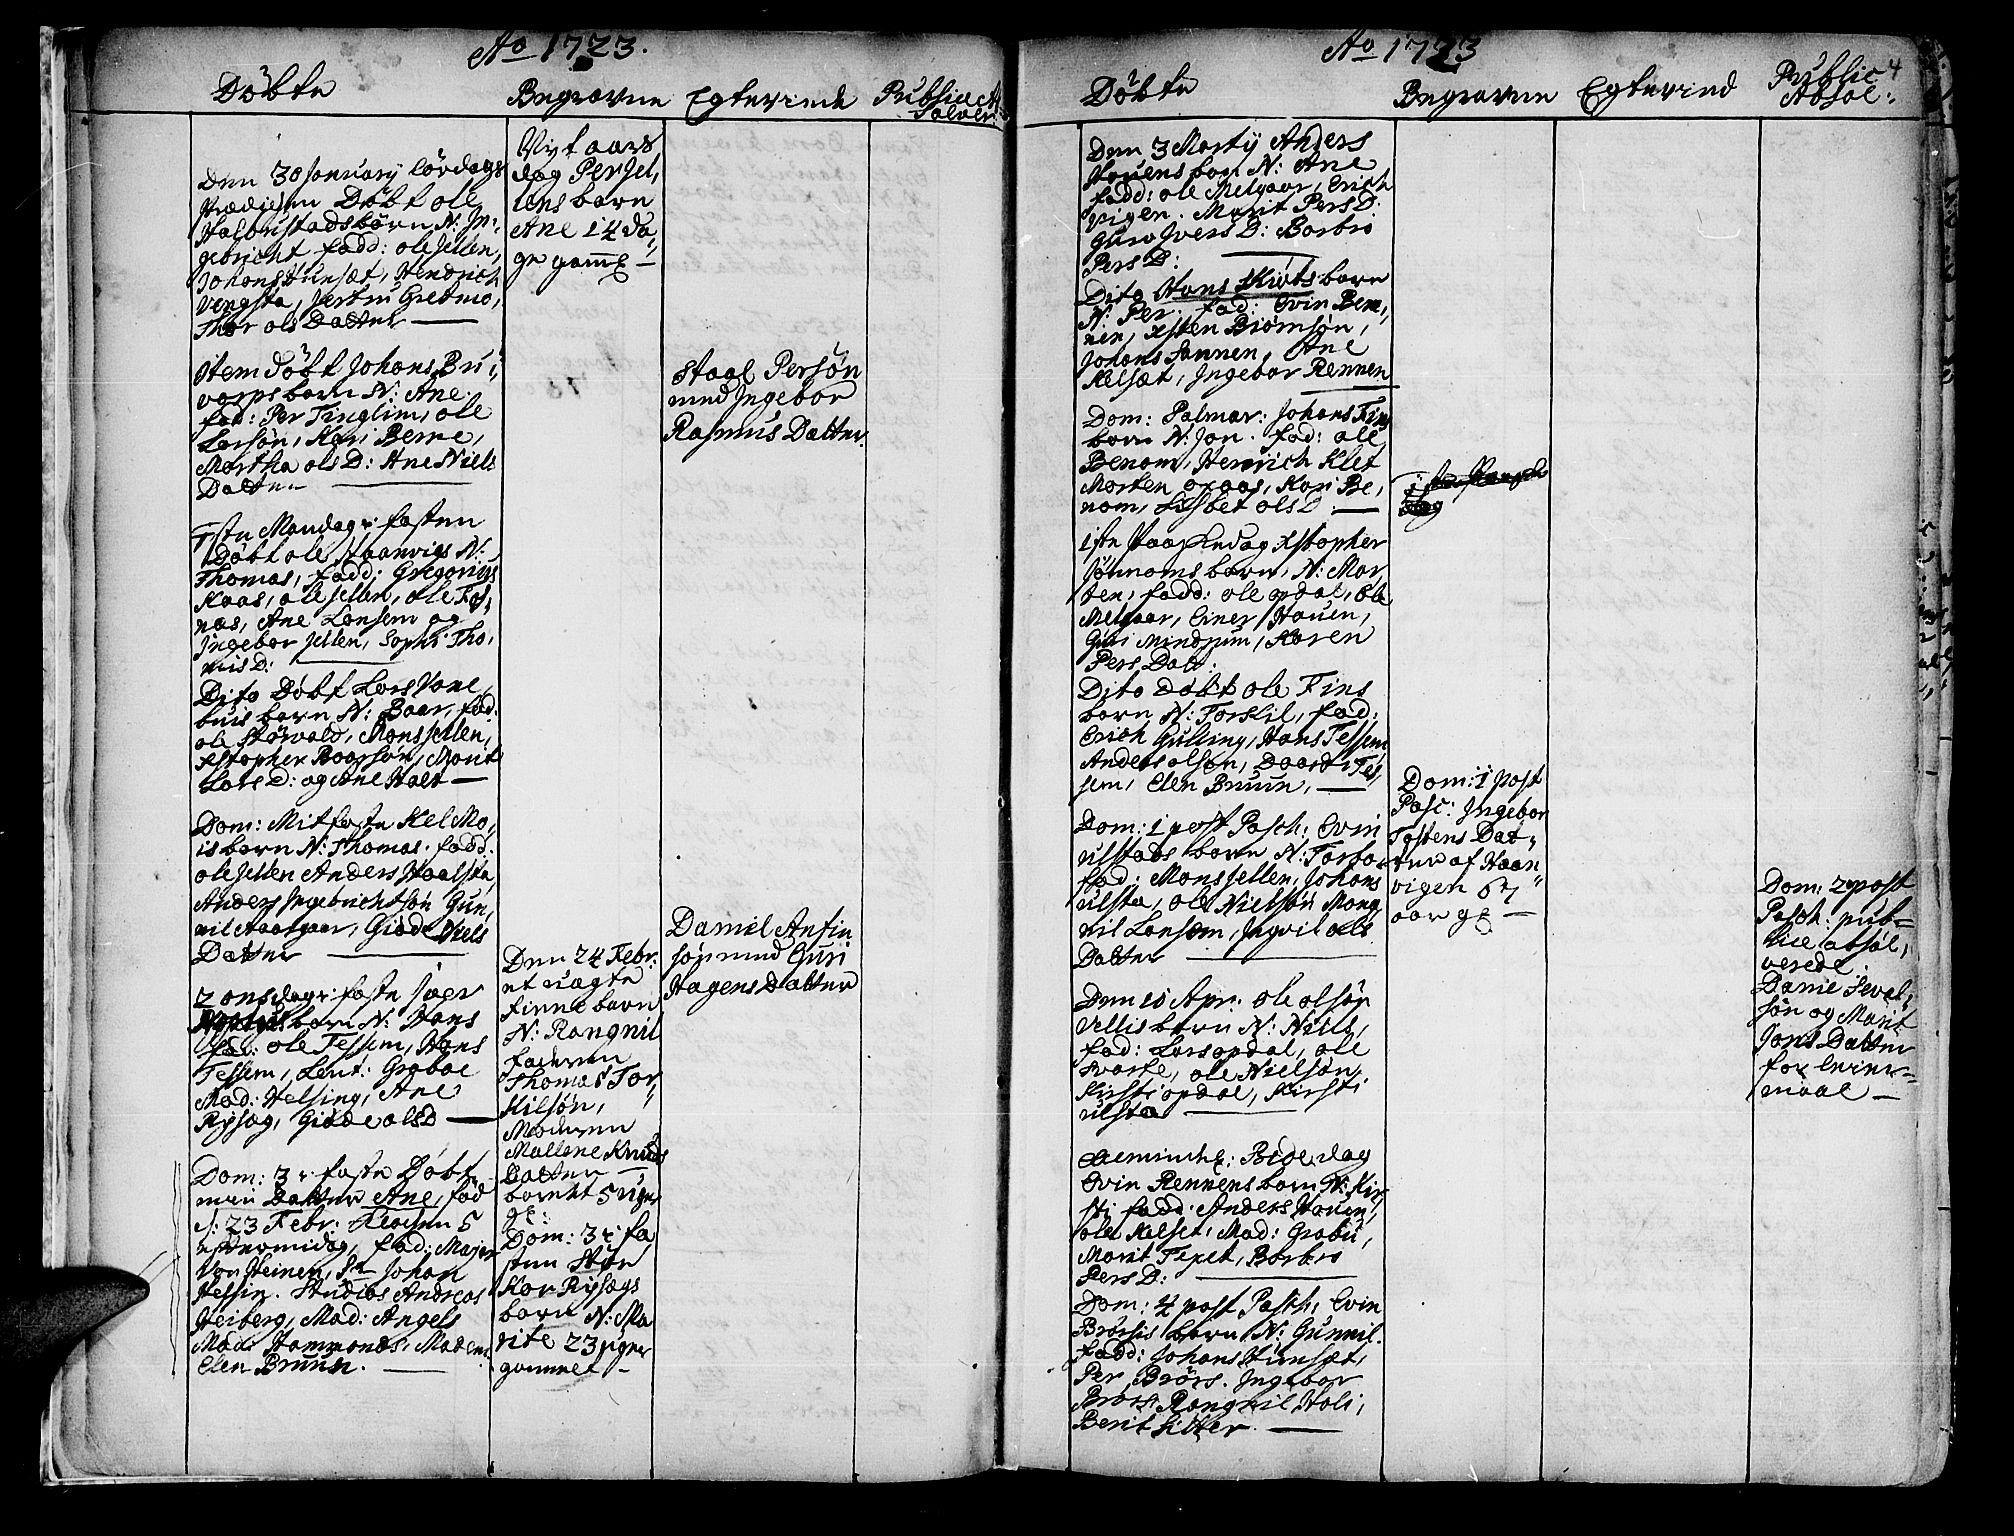 SAT, Ministerialprotokoller, klokkerbøker og fødselsregistre - Nord-Trøndelag, 741/L0385: Ministerialbok nr. 741A01, 1722-1815, s. 4